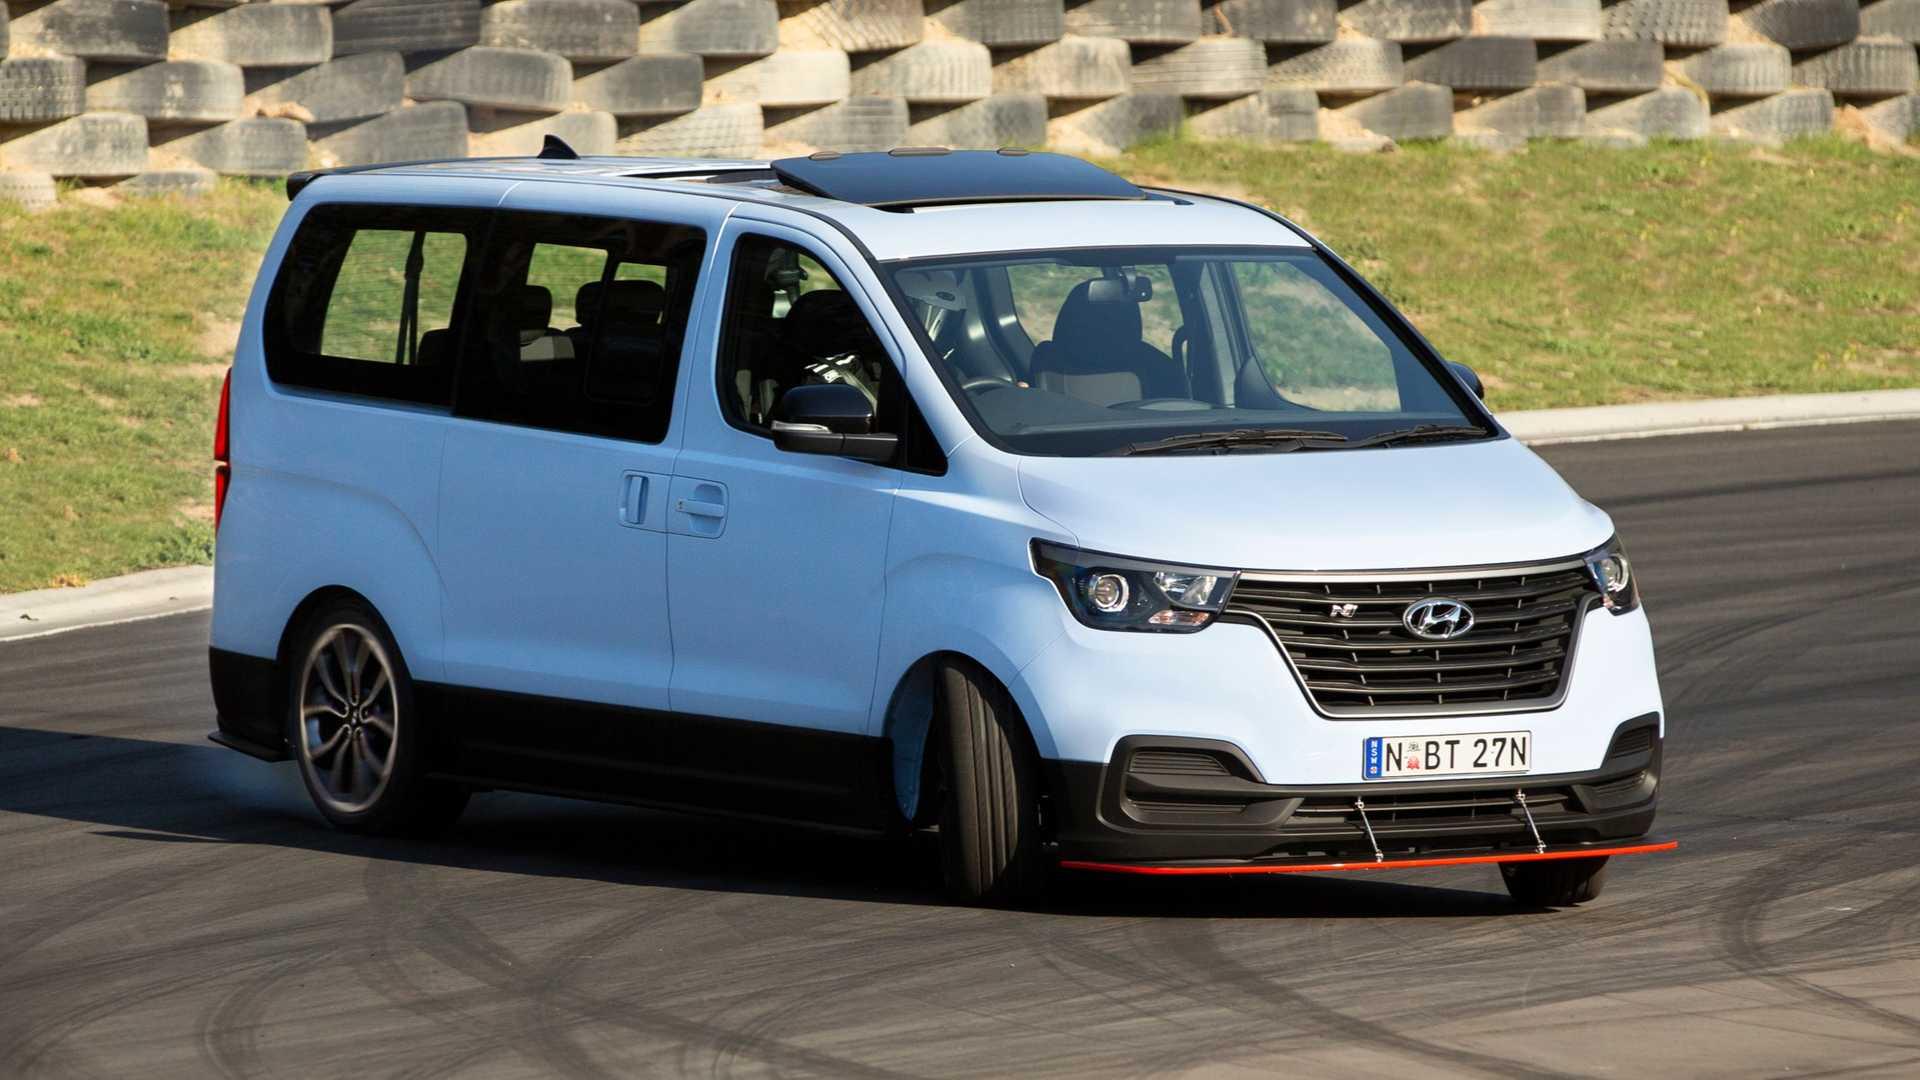 Hyundai-iMax-N-Drift-Bus-4